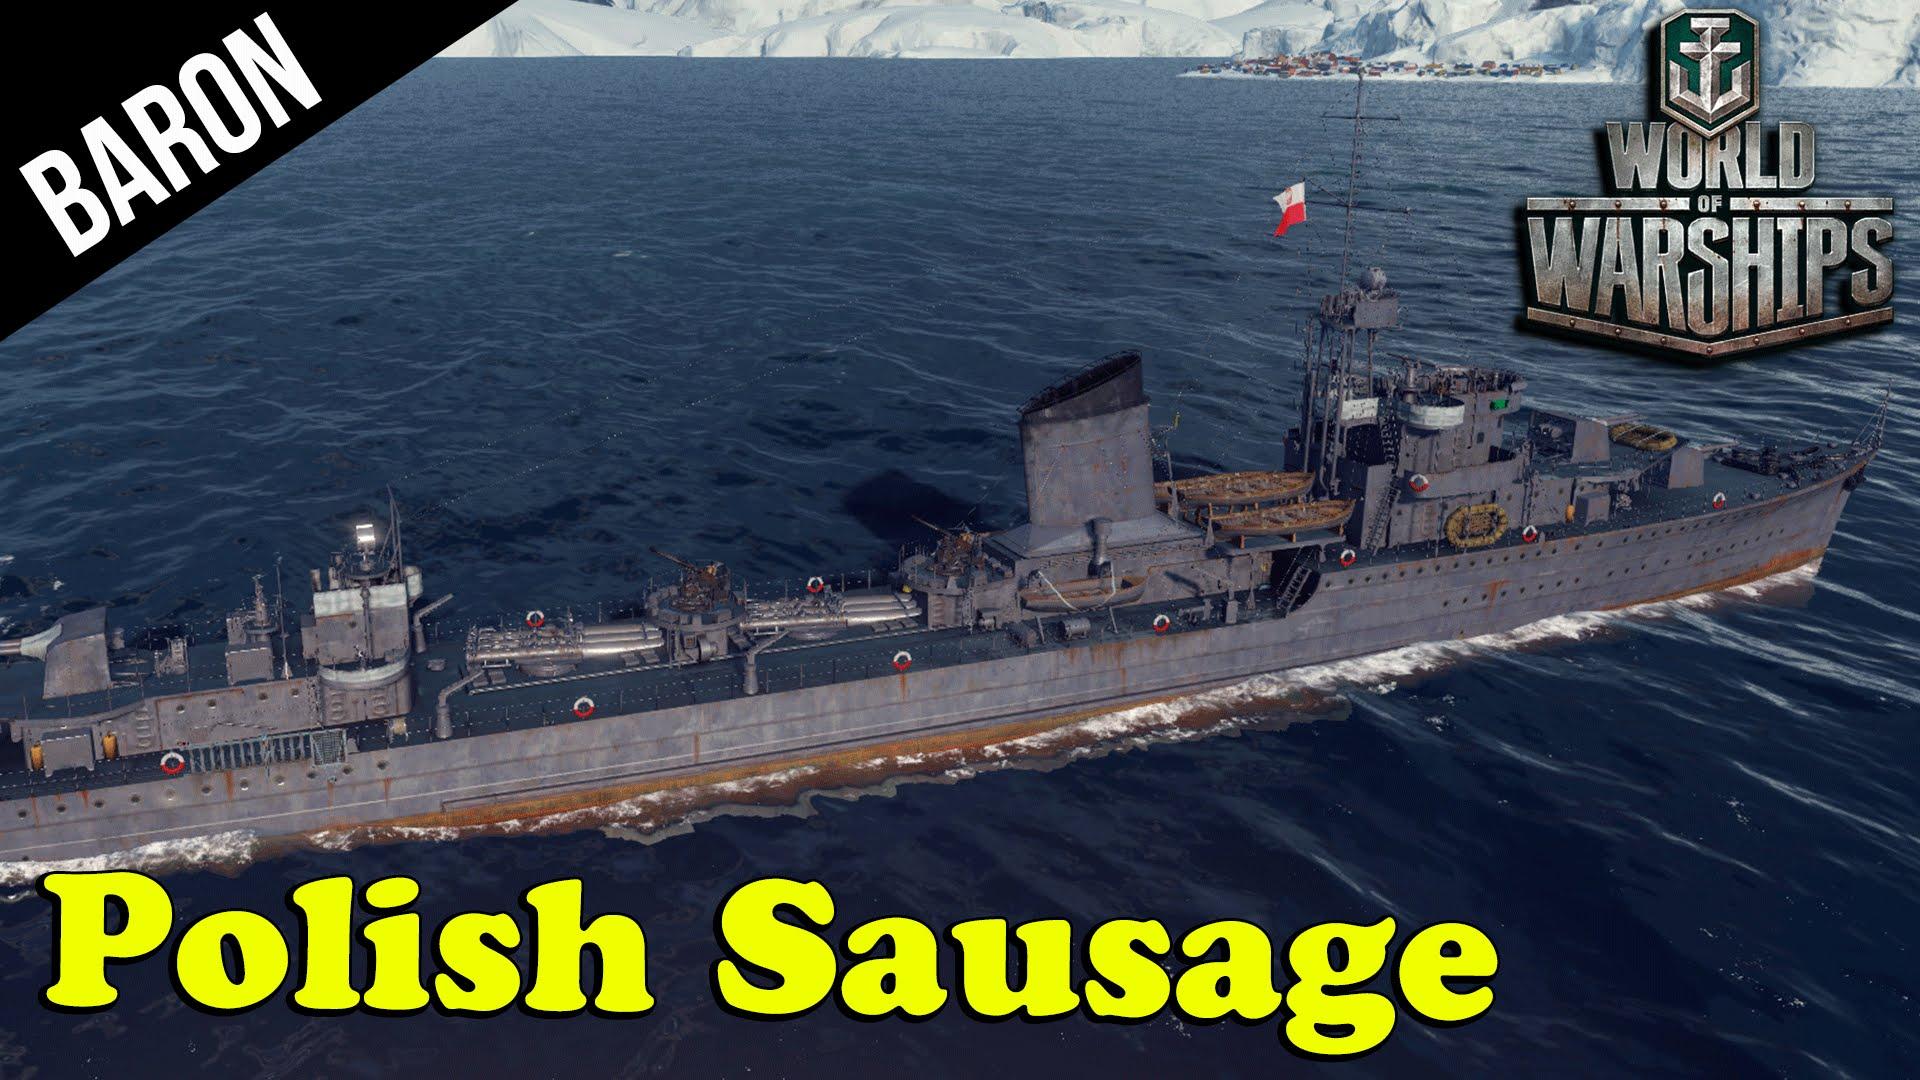 World of Warships Polish Navy - Błyskawica Destroyer!